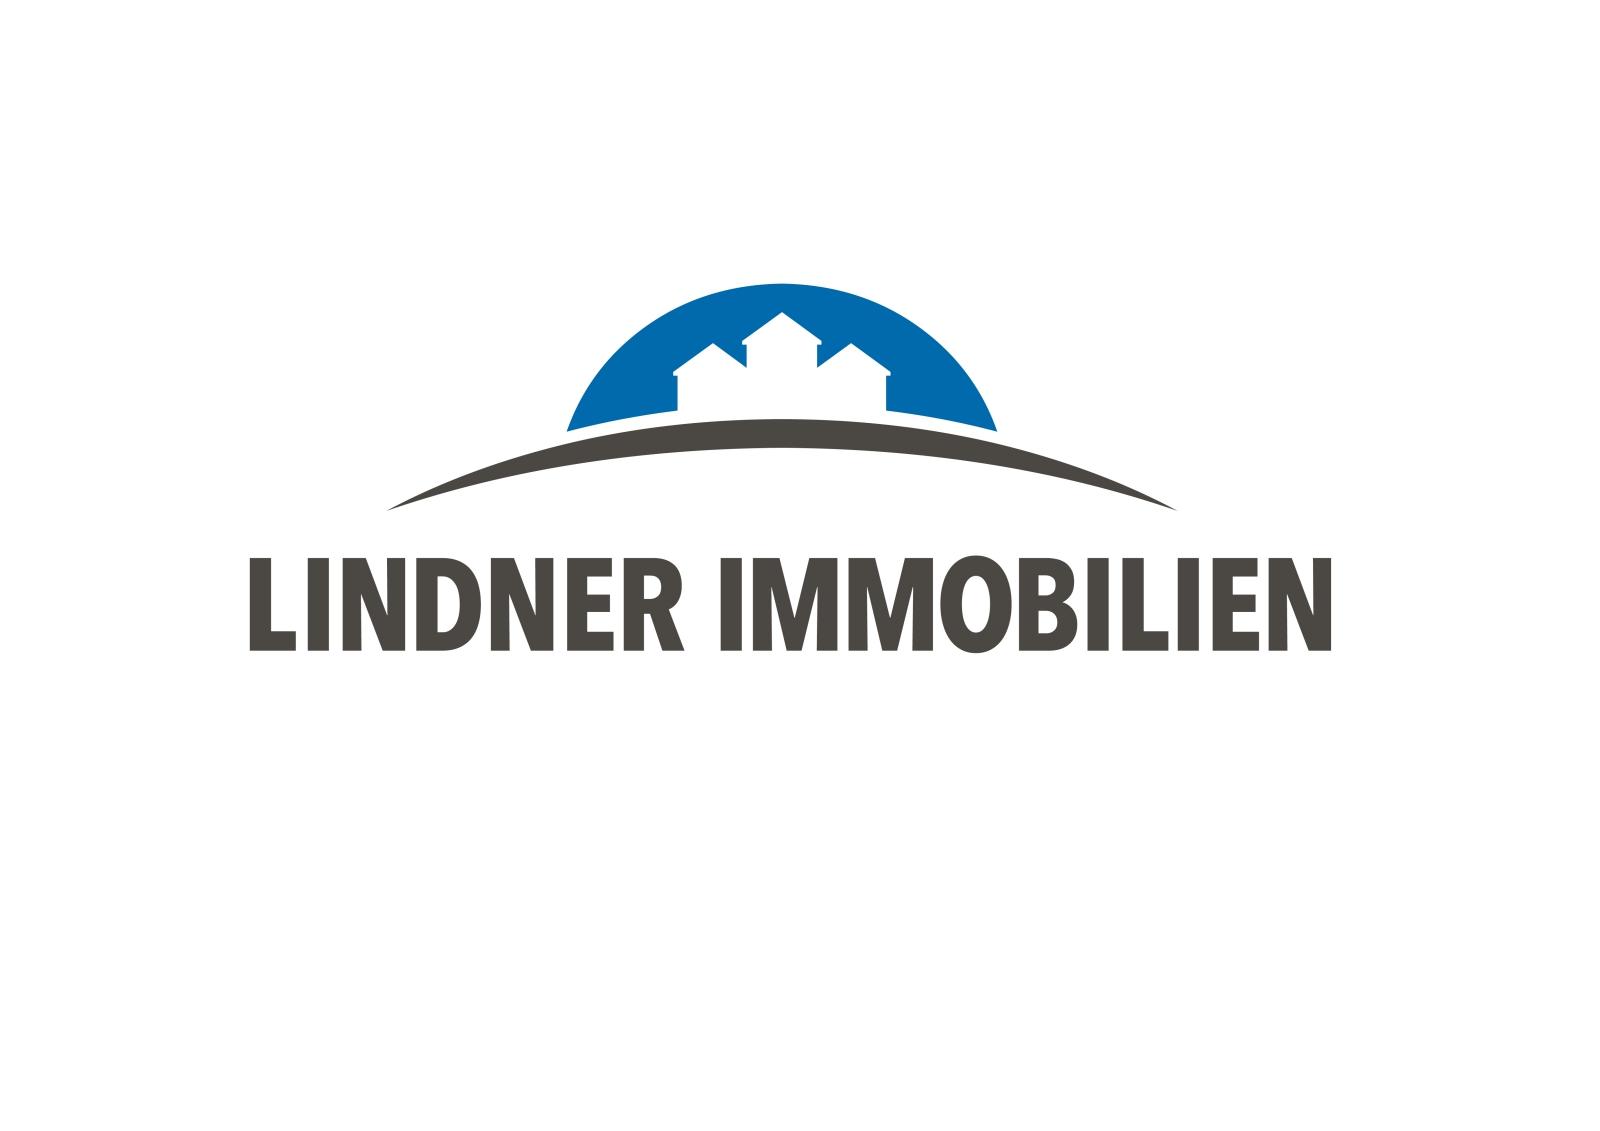 Hier sehen Sie das Logo von Lindner Immobilien